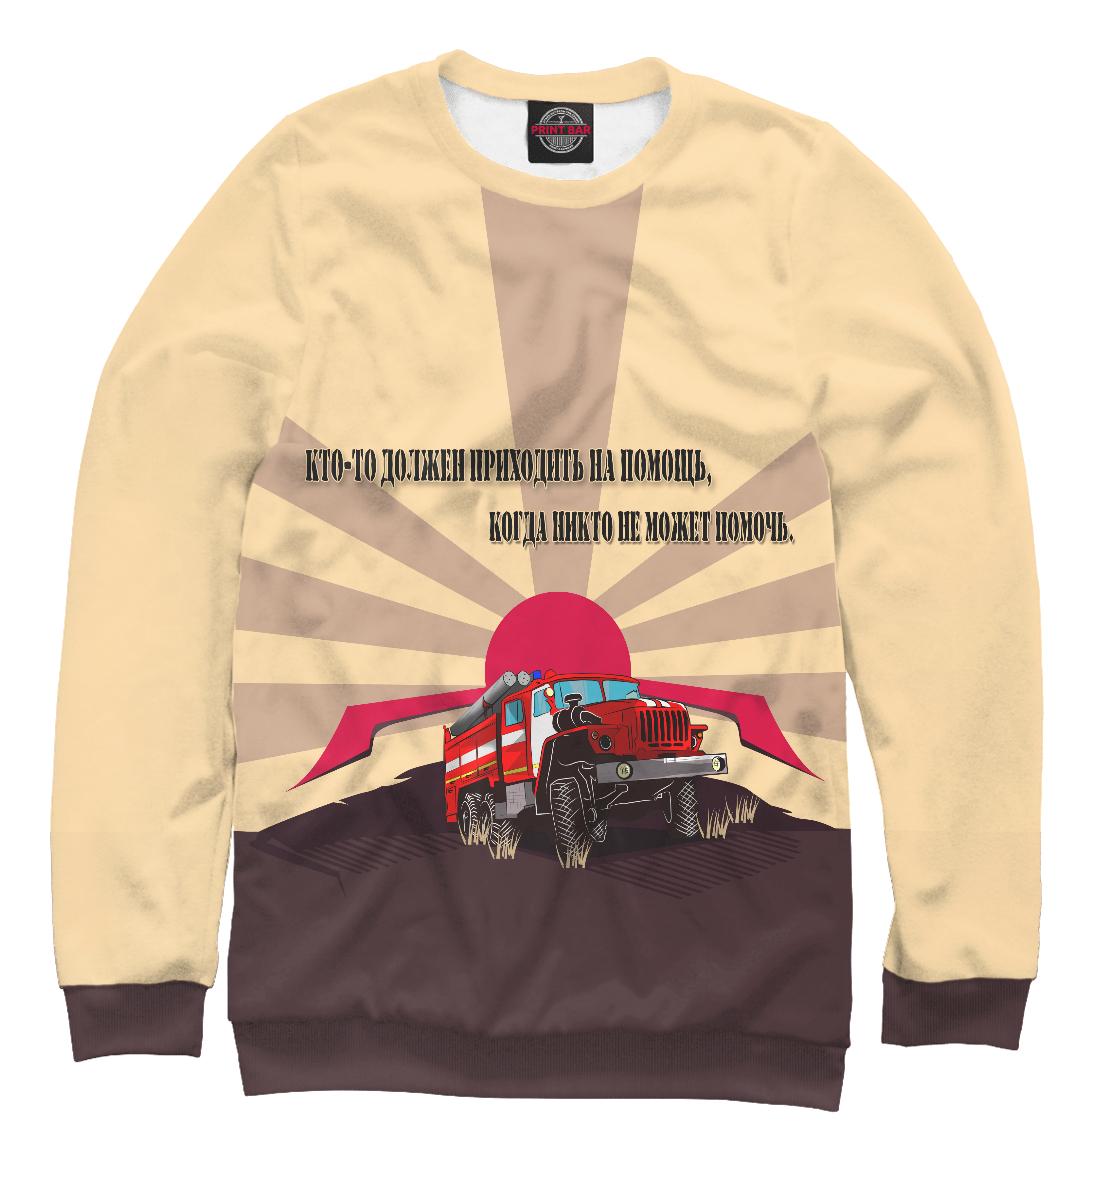 Купить Урал пожарный, Printbar, Свитшоты, MCS-977996-swi-2